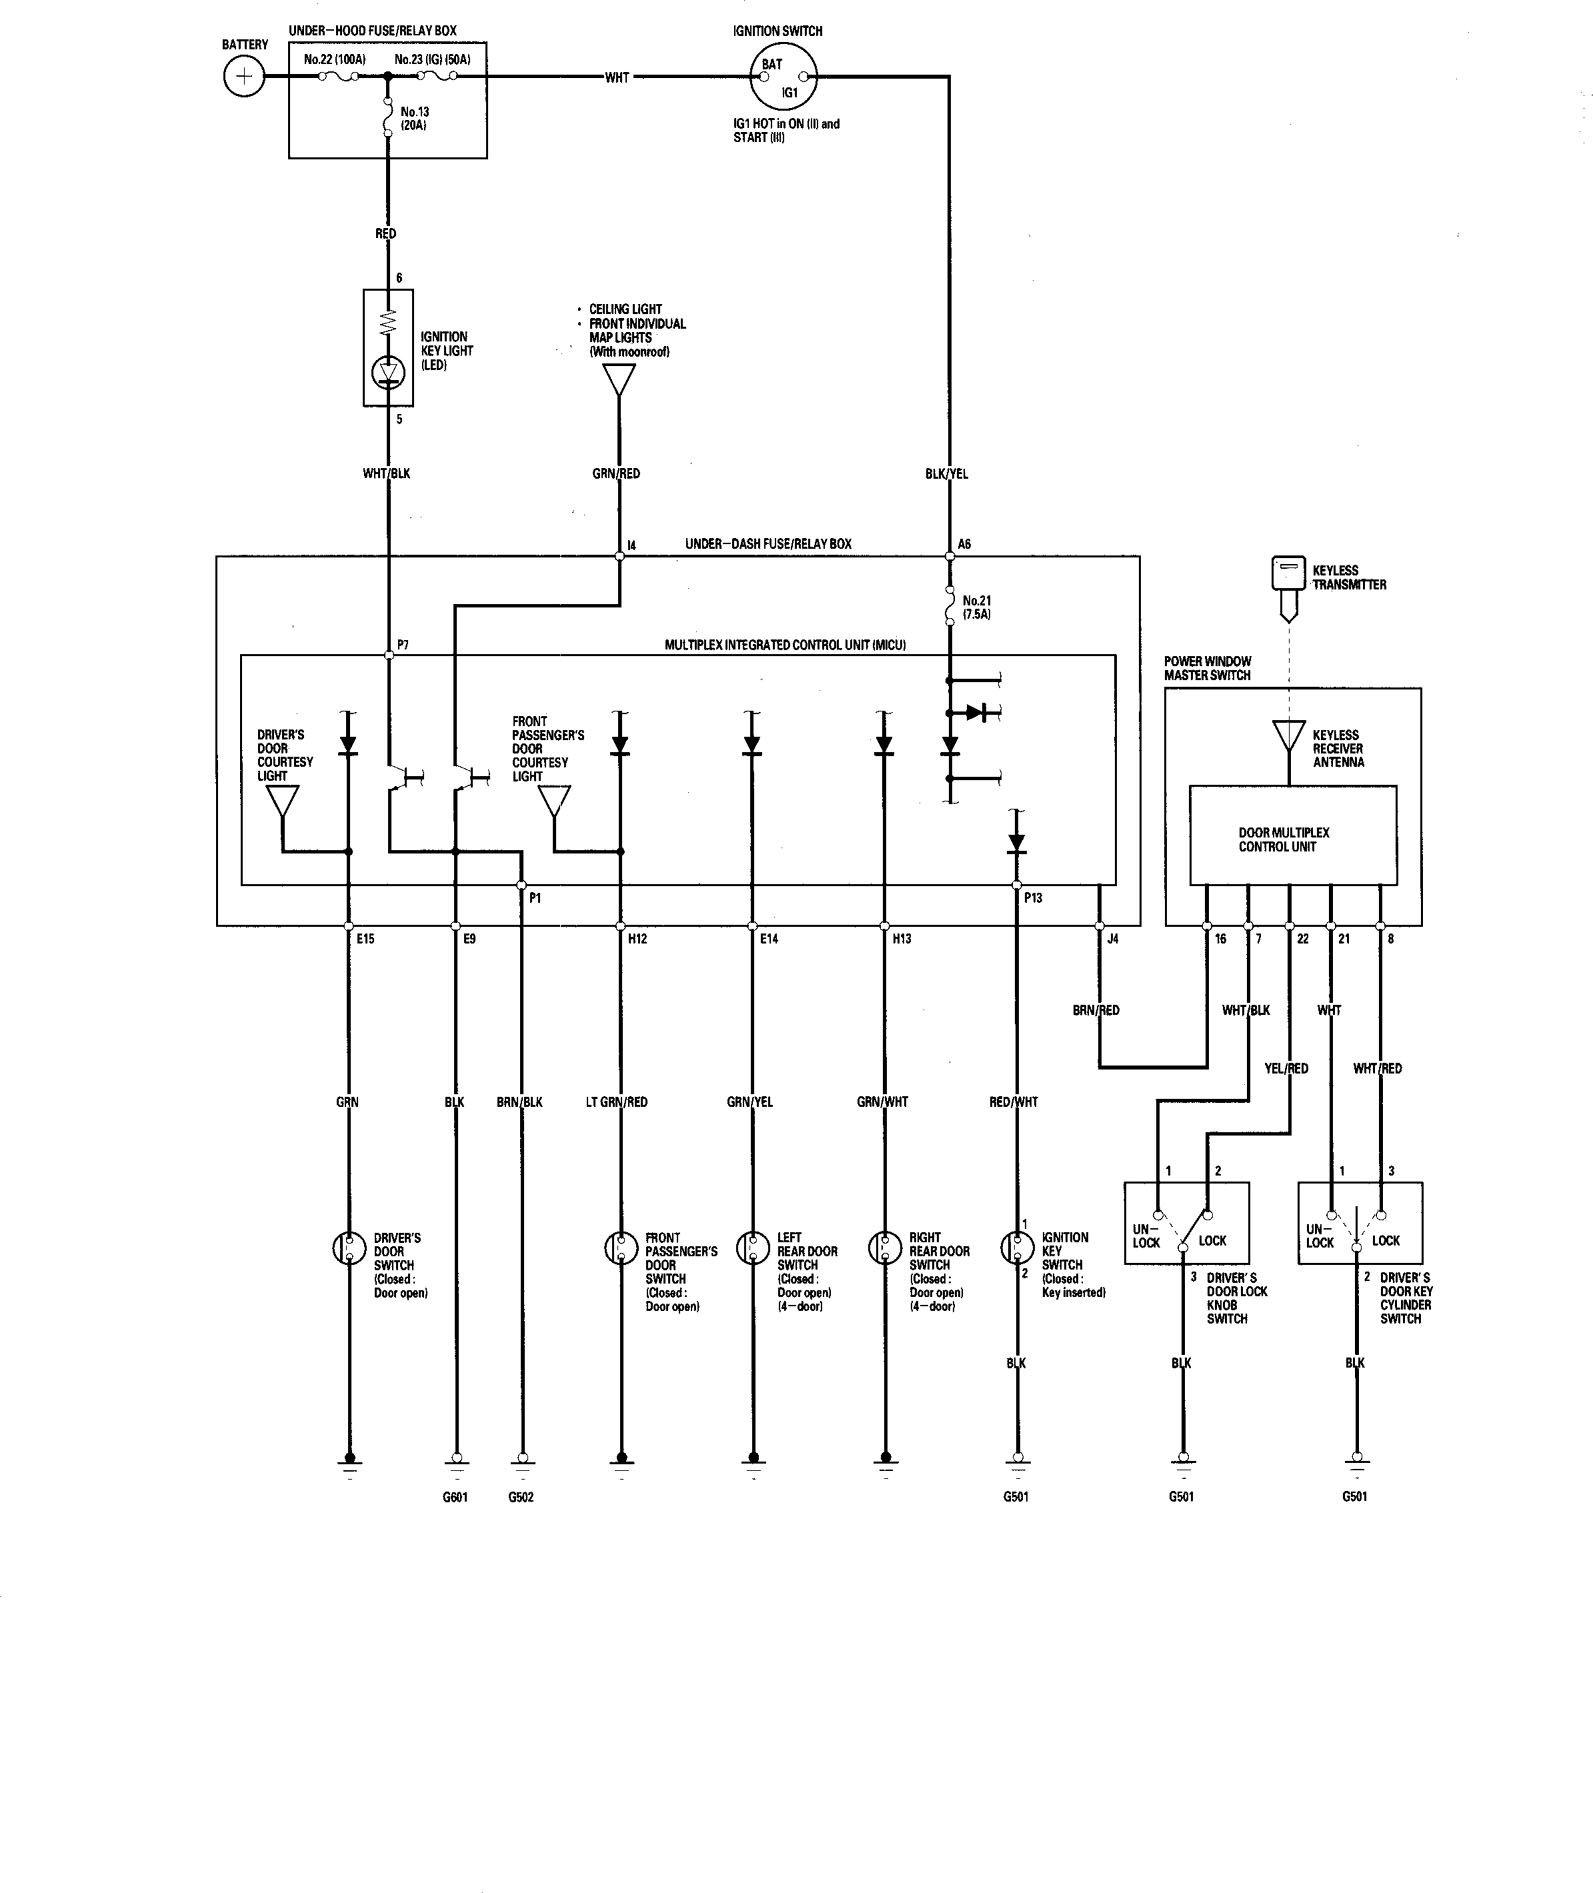 honda accord  2006  - wiring diagrams